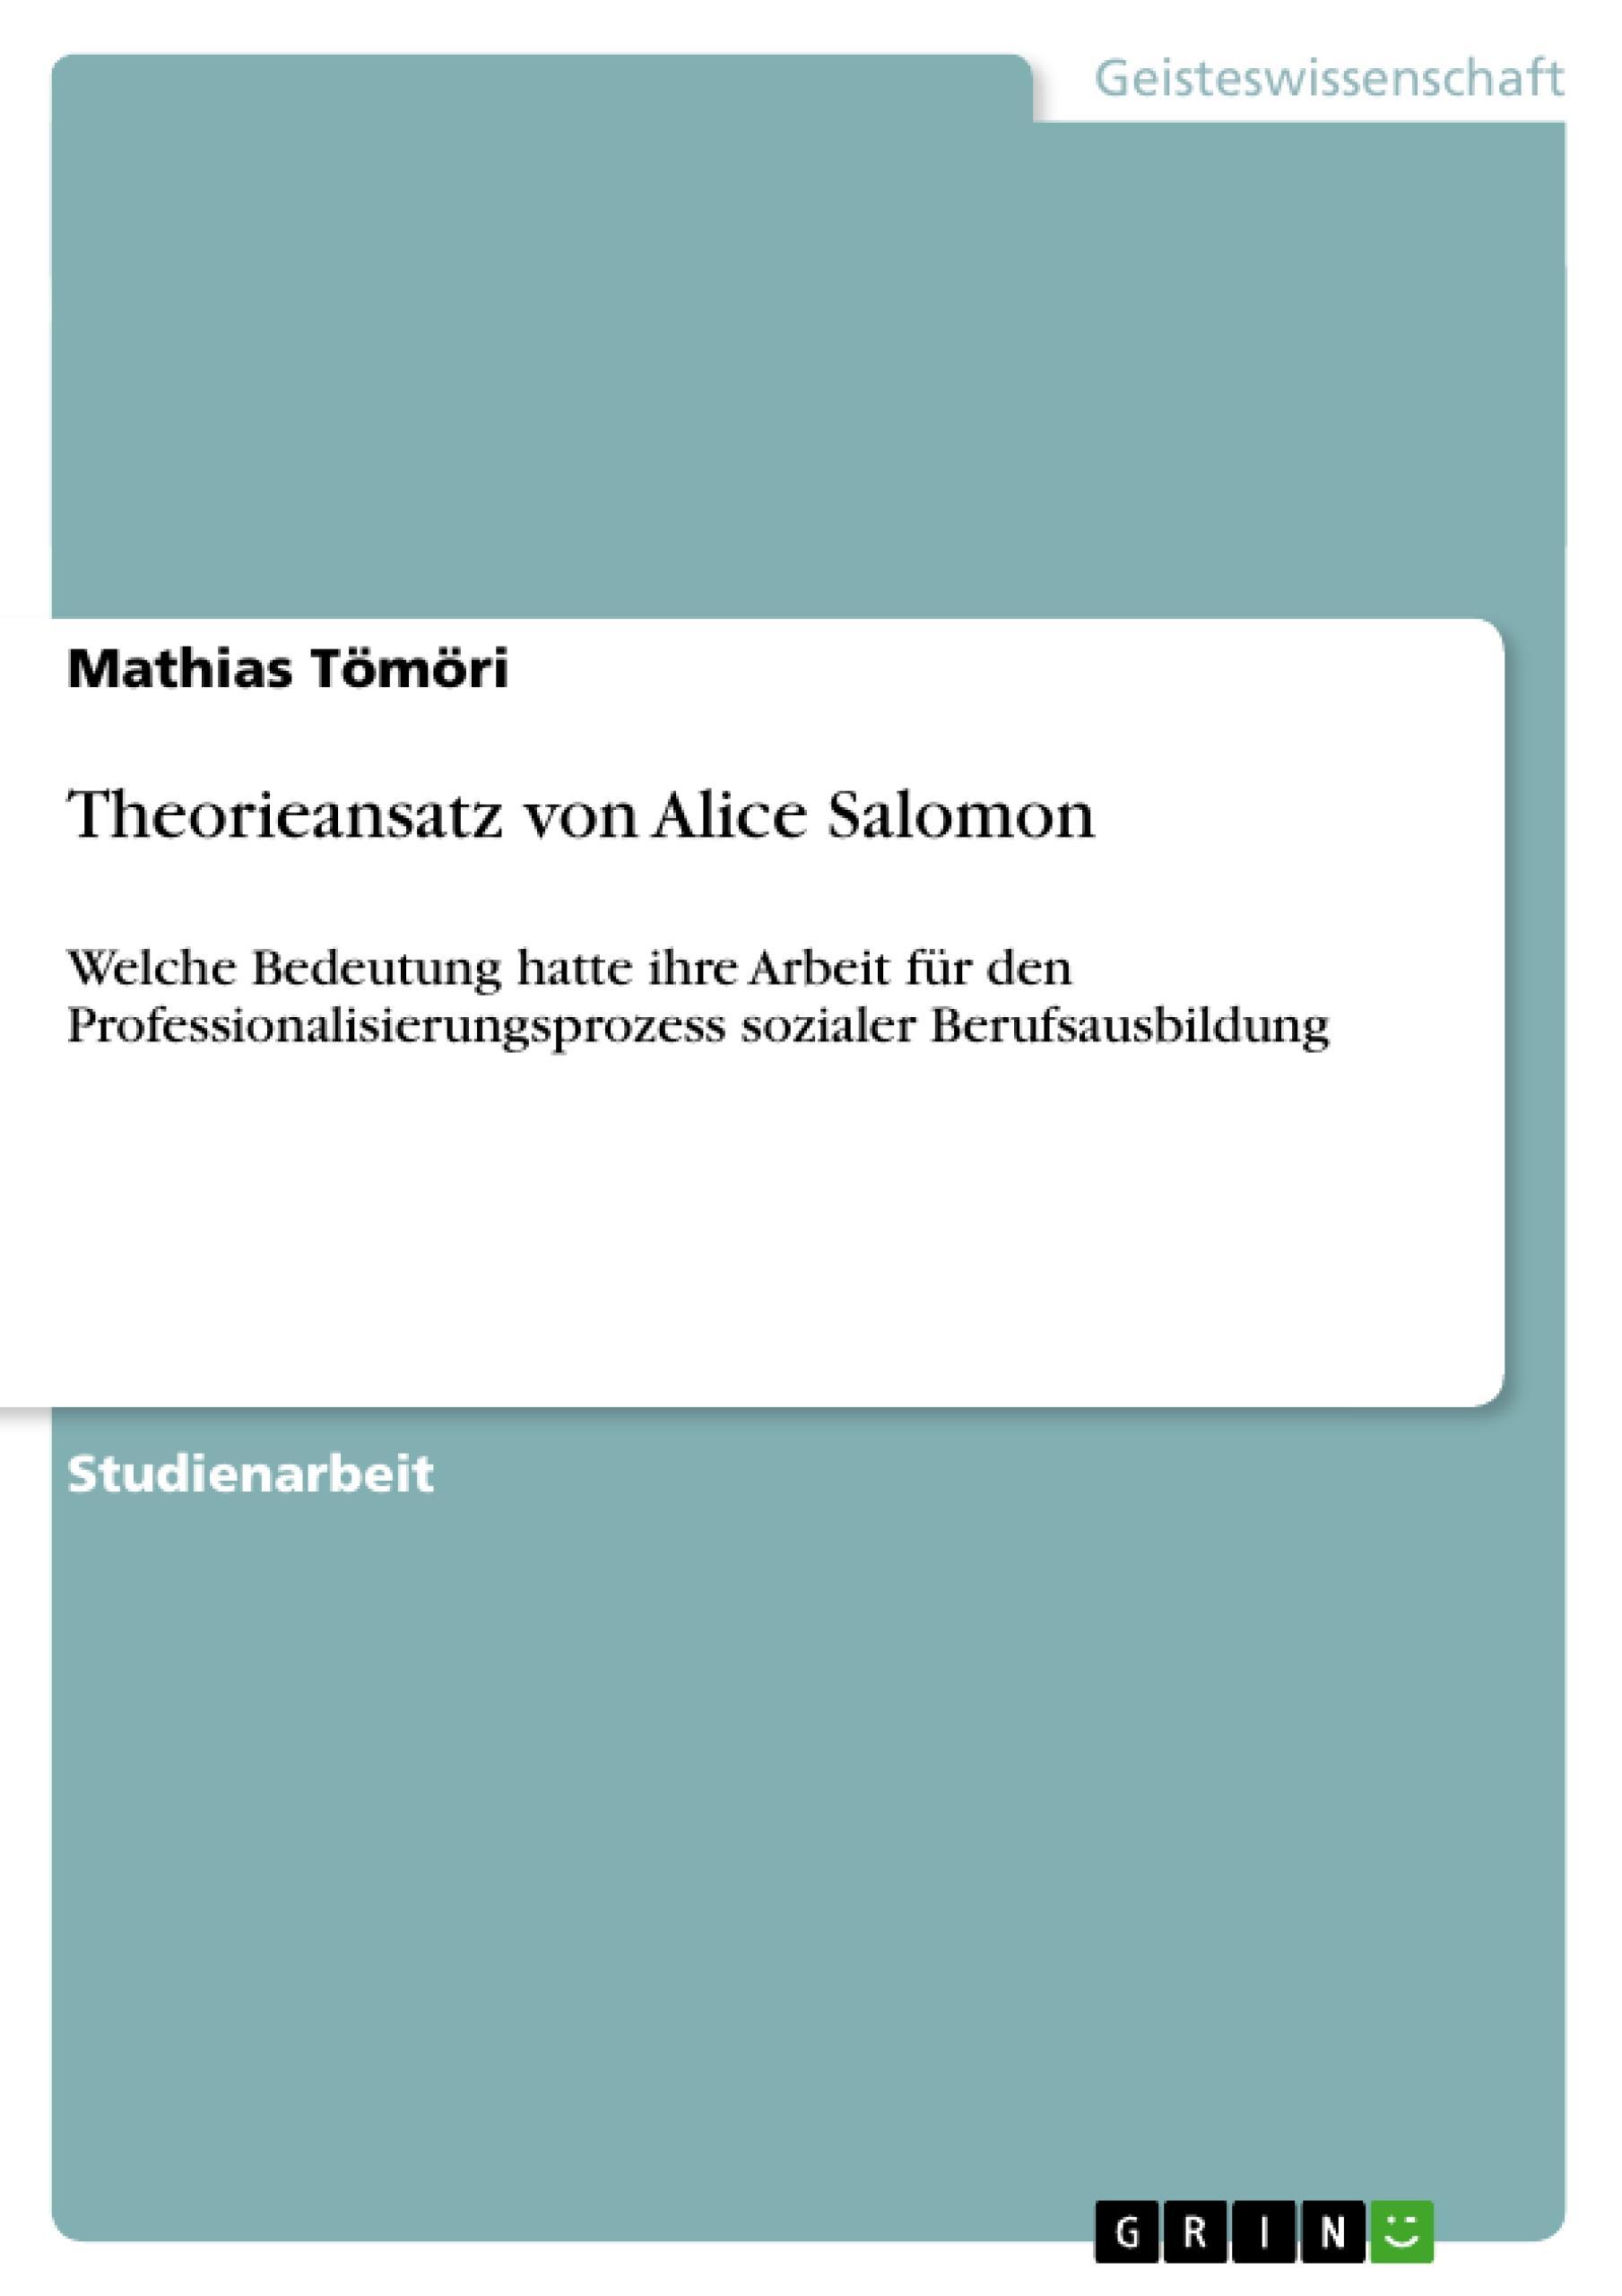 Theorieansatz von Alice Salomon  Welche Bedeutung hatte ihre Arbeit für den Professionalisierungsprozess sozialer Berufsausbildung  Mathias Tömöri  Taschenbuch  Deutsch  2010 - Tömöri, Mathias